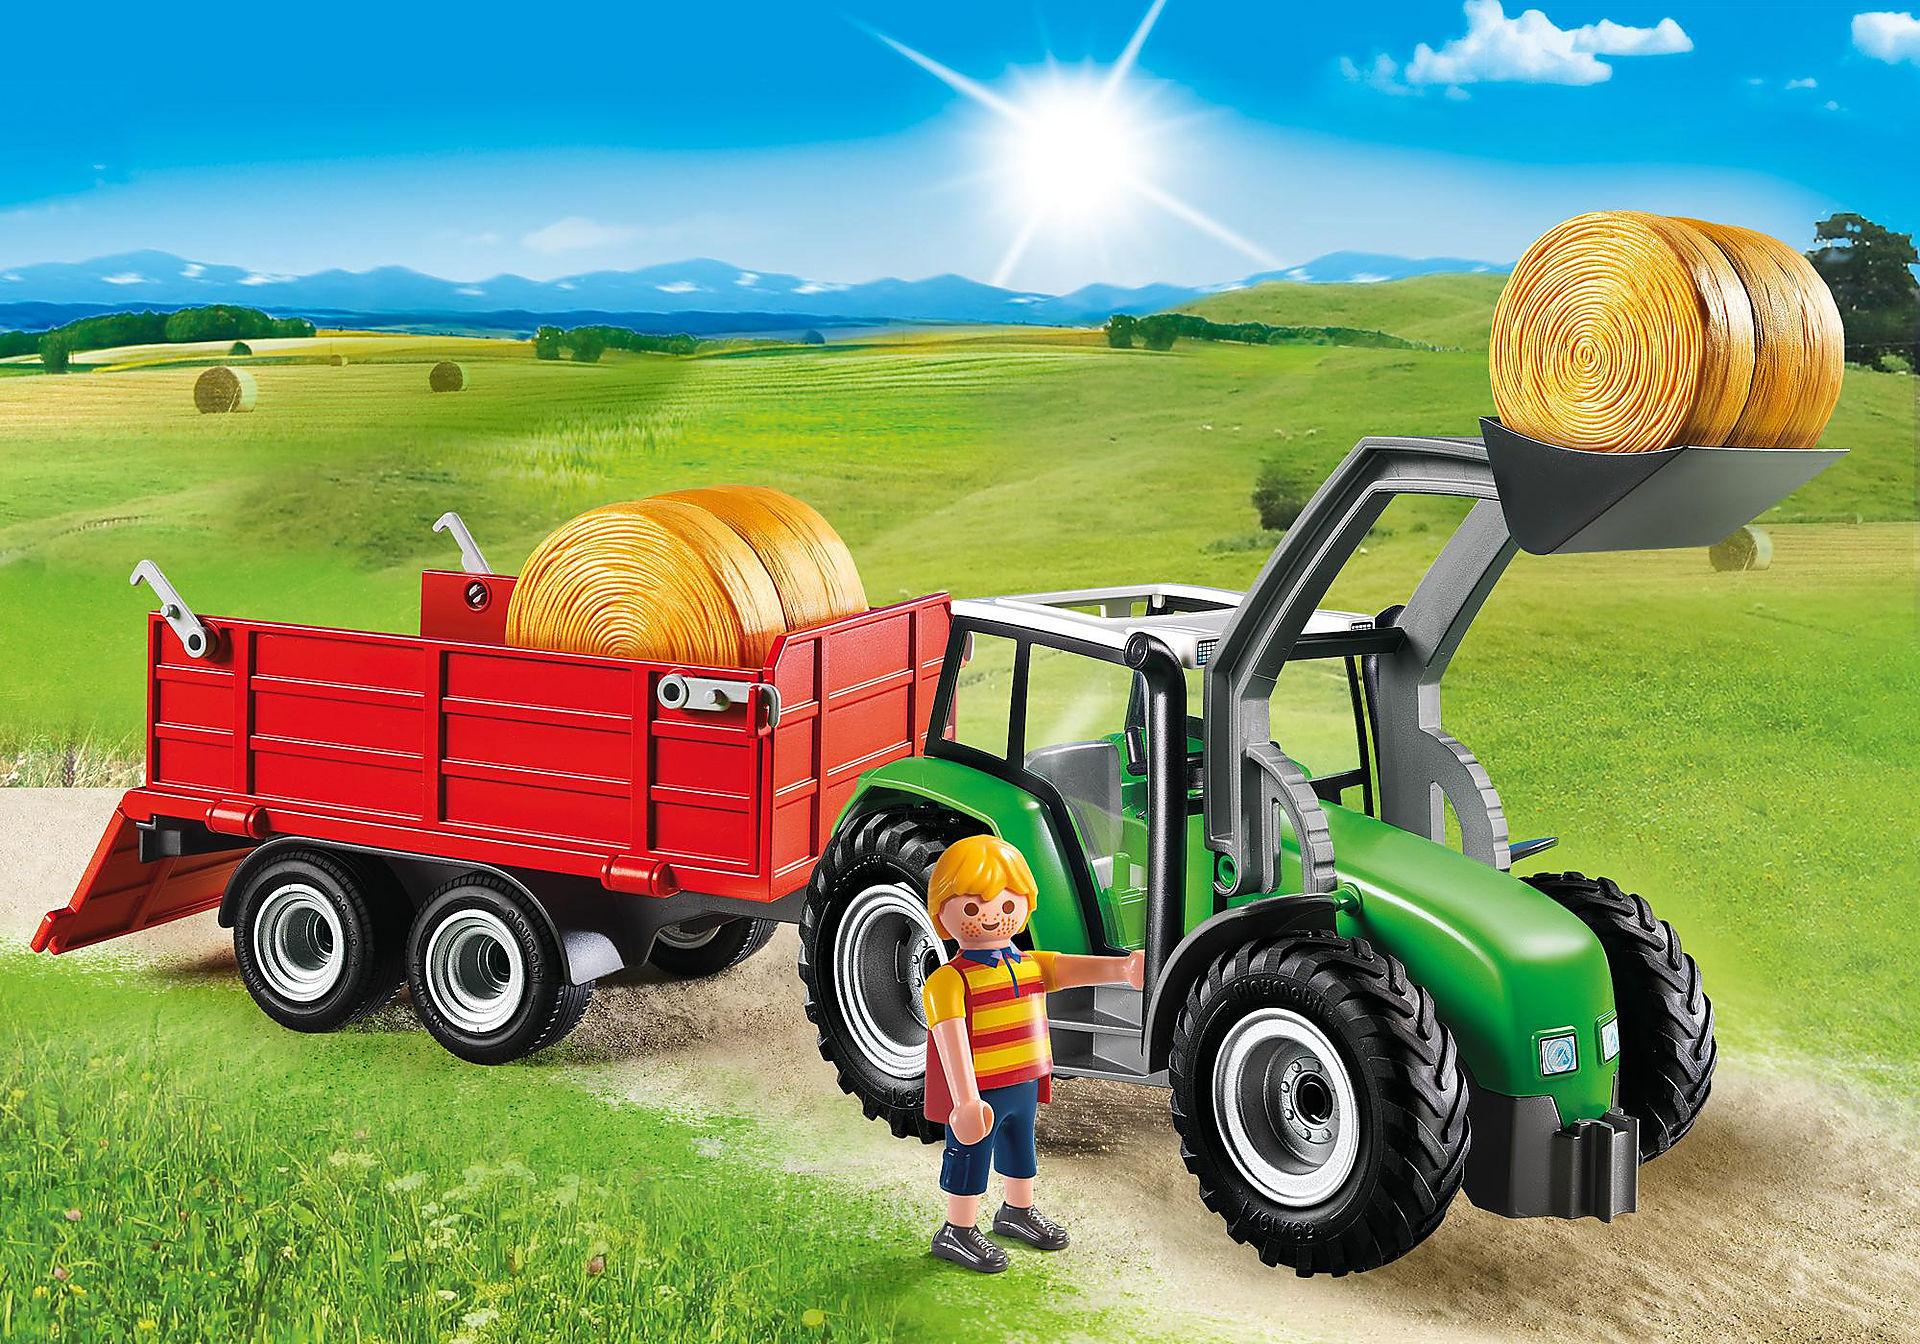 http://media.playmobil.com/i/playmobil/6130_product_detail/Tractor met aanhangwagen